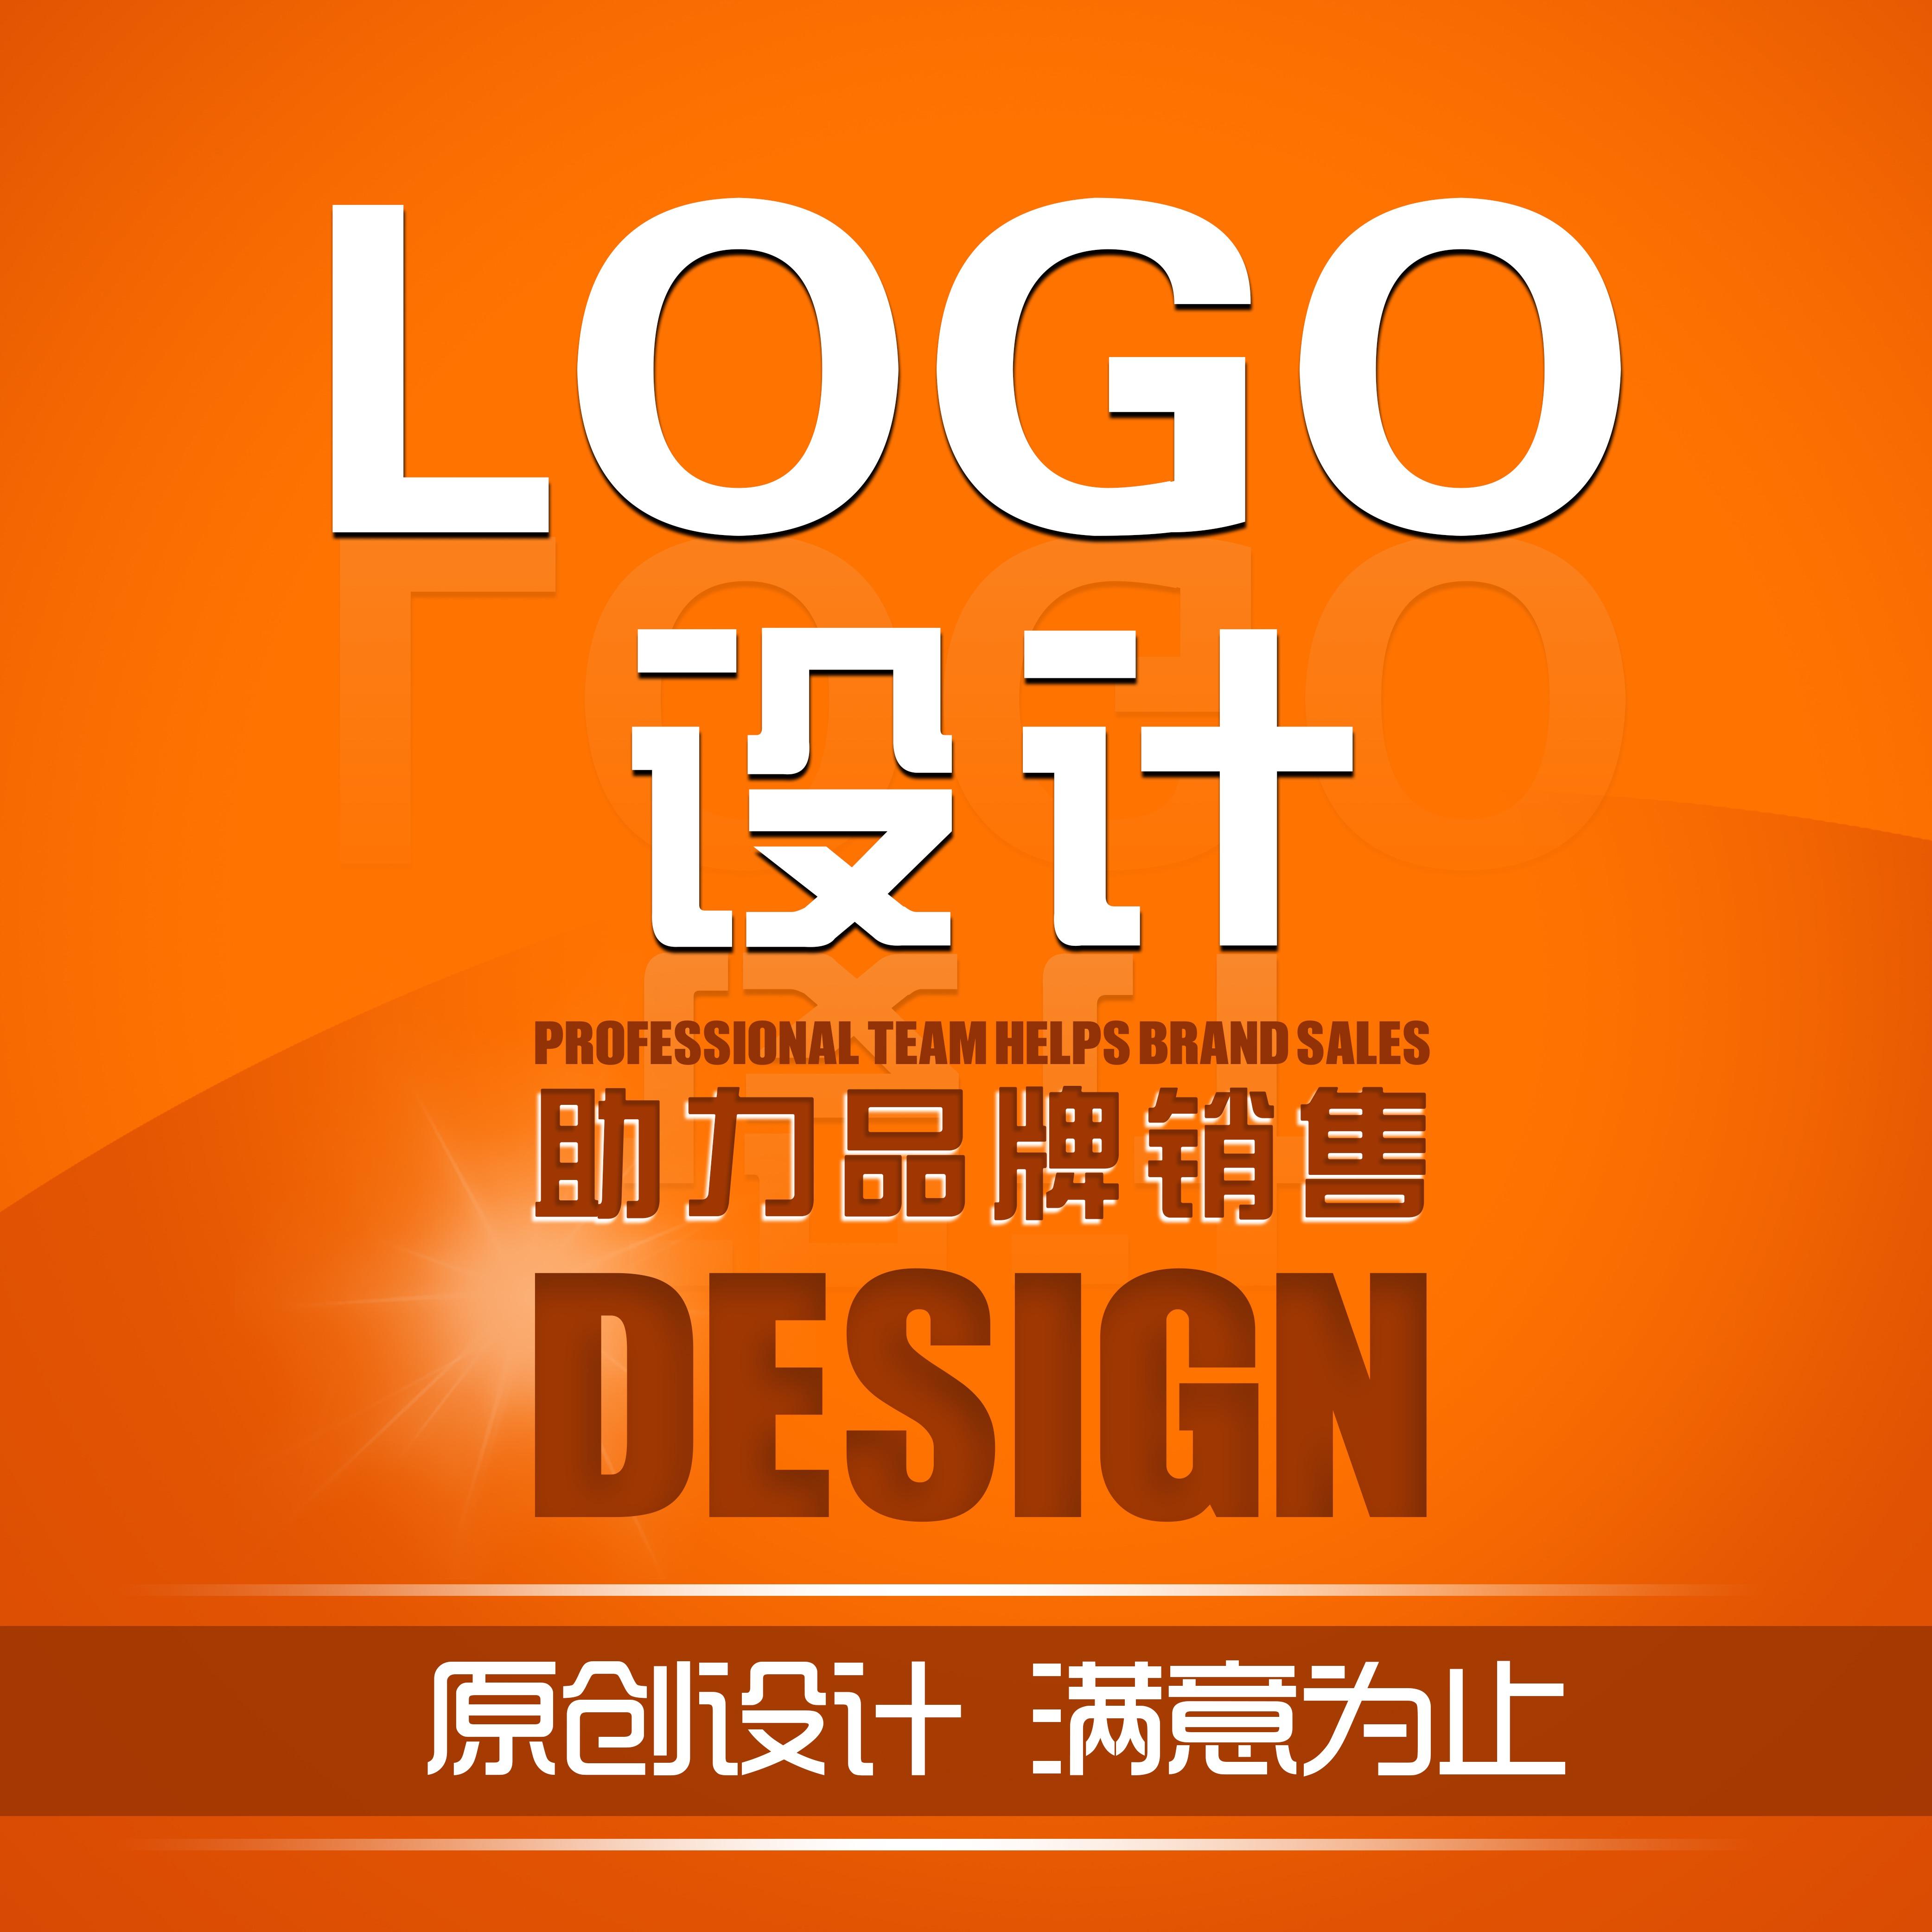 品牌 企业公司logo设计商标LOGO设计VI企业形象包注册过